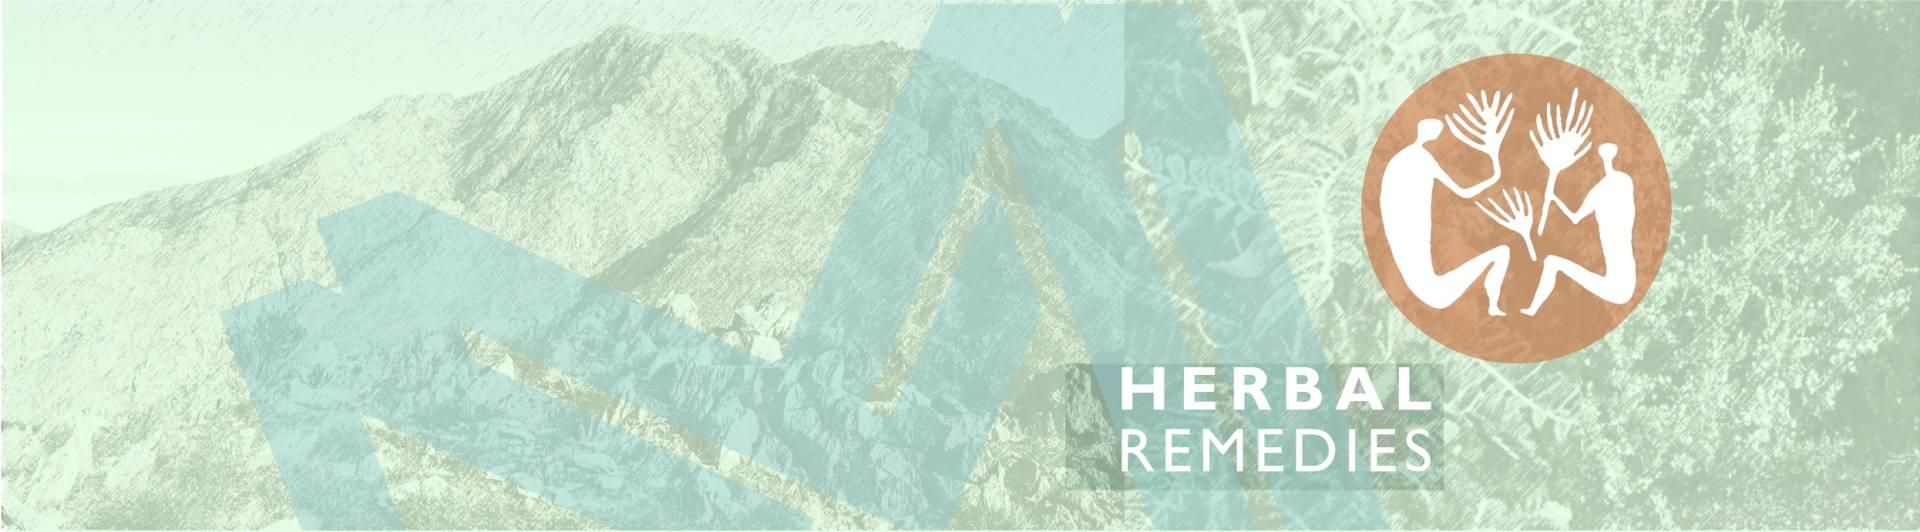 herb header 2-W1920